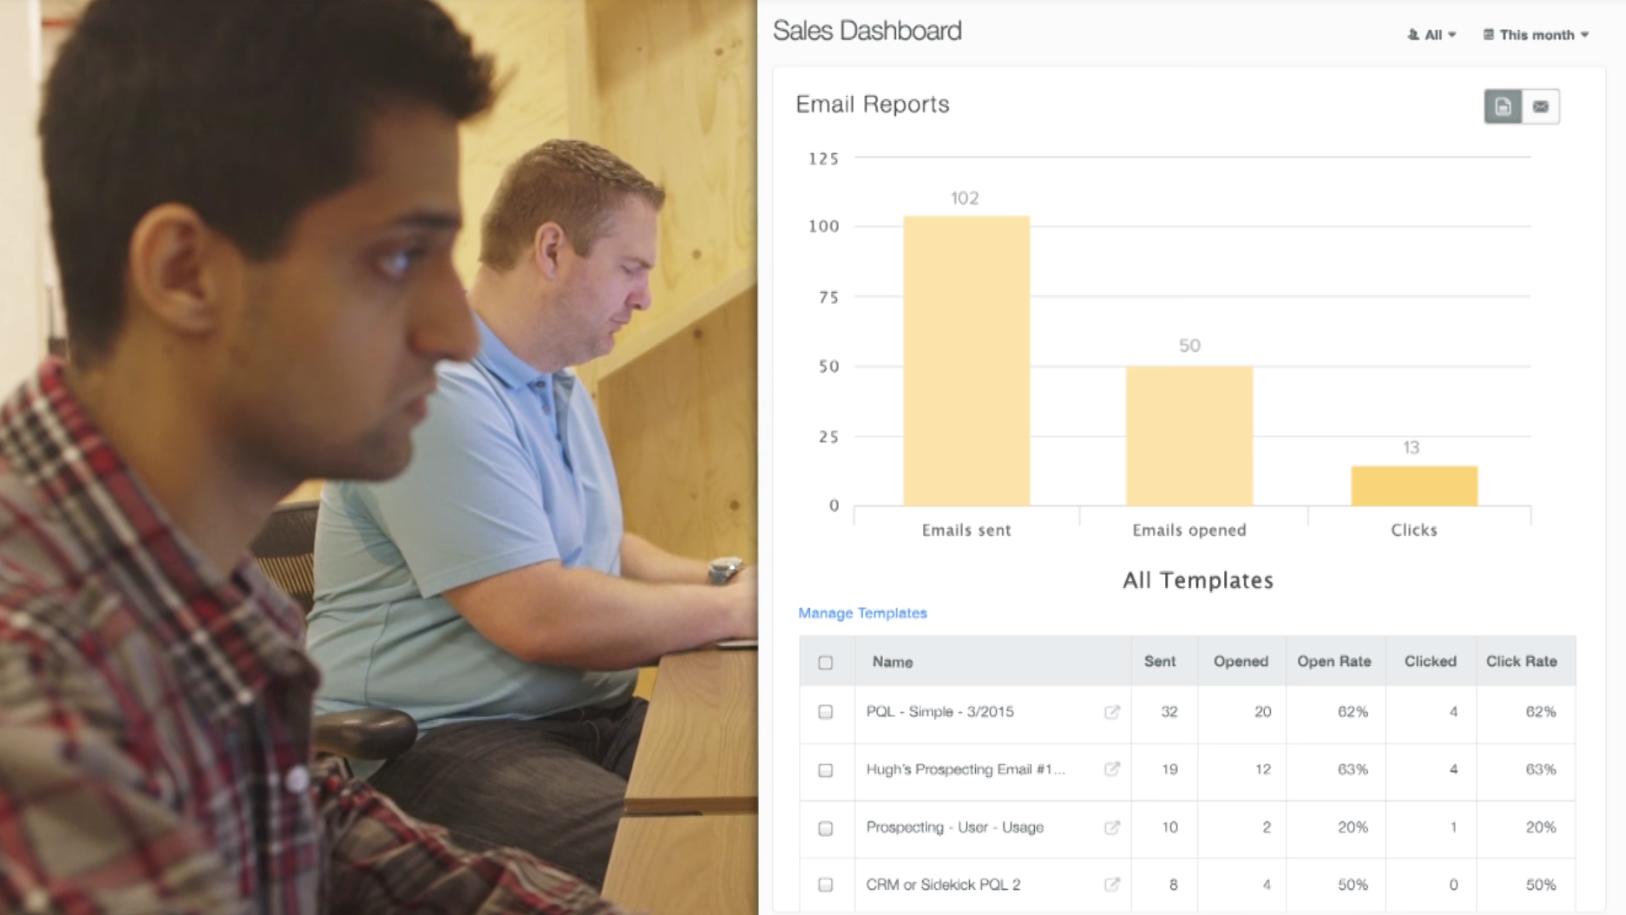 Gracias al software de inbound, Shopify puede monitorizar los procesos de ventas que están en proceso a través de los canales y los cientos de puntos de contacto que se producen con el usuario o lead.